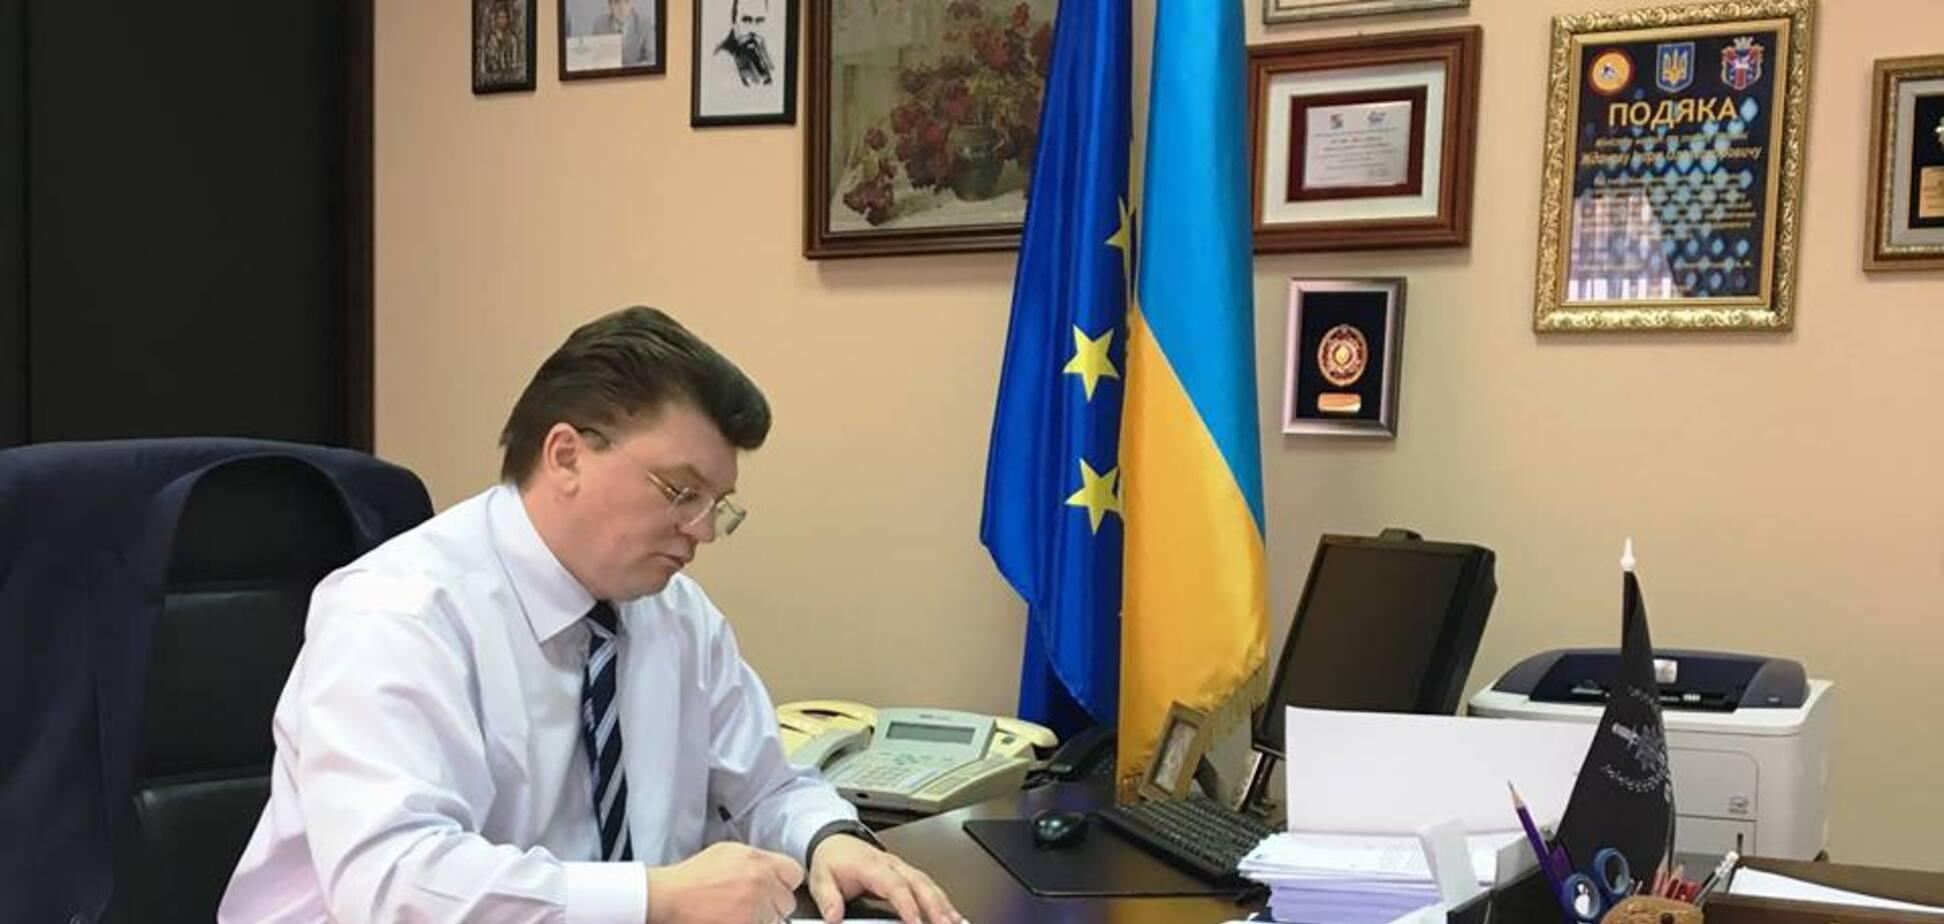 Спортсменам Украины разрешили выступать в России: Жданов пояснил ситуацию